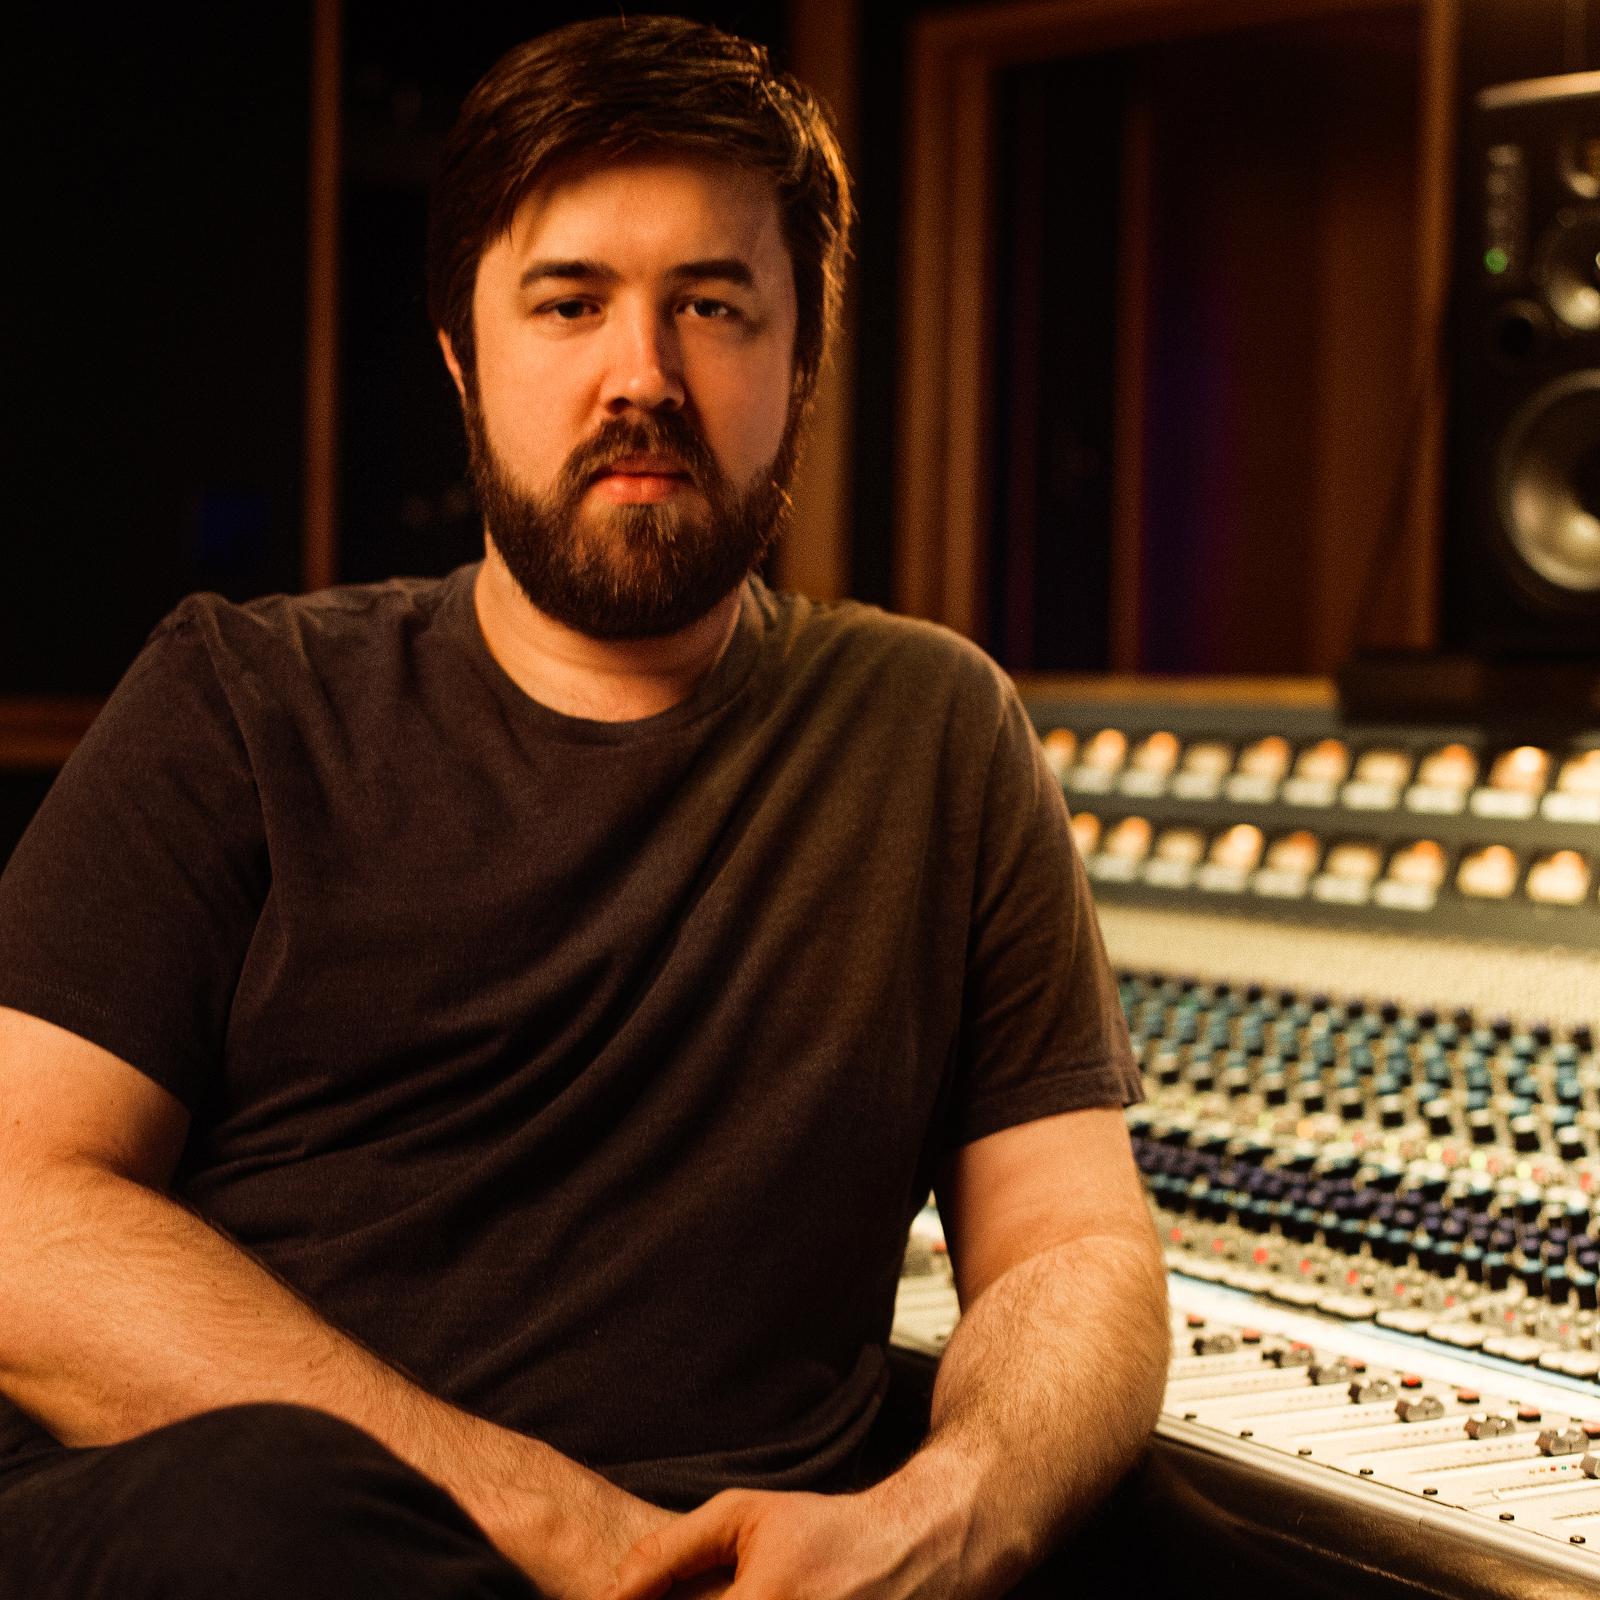 Alex Pasco, Audio Engineer